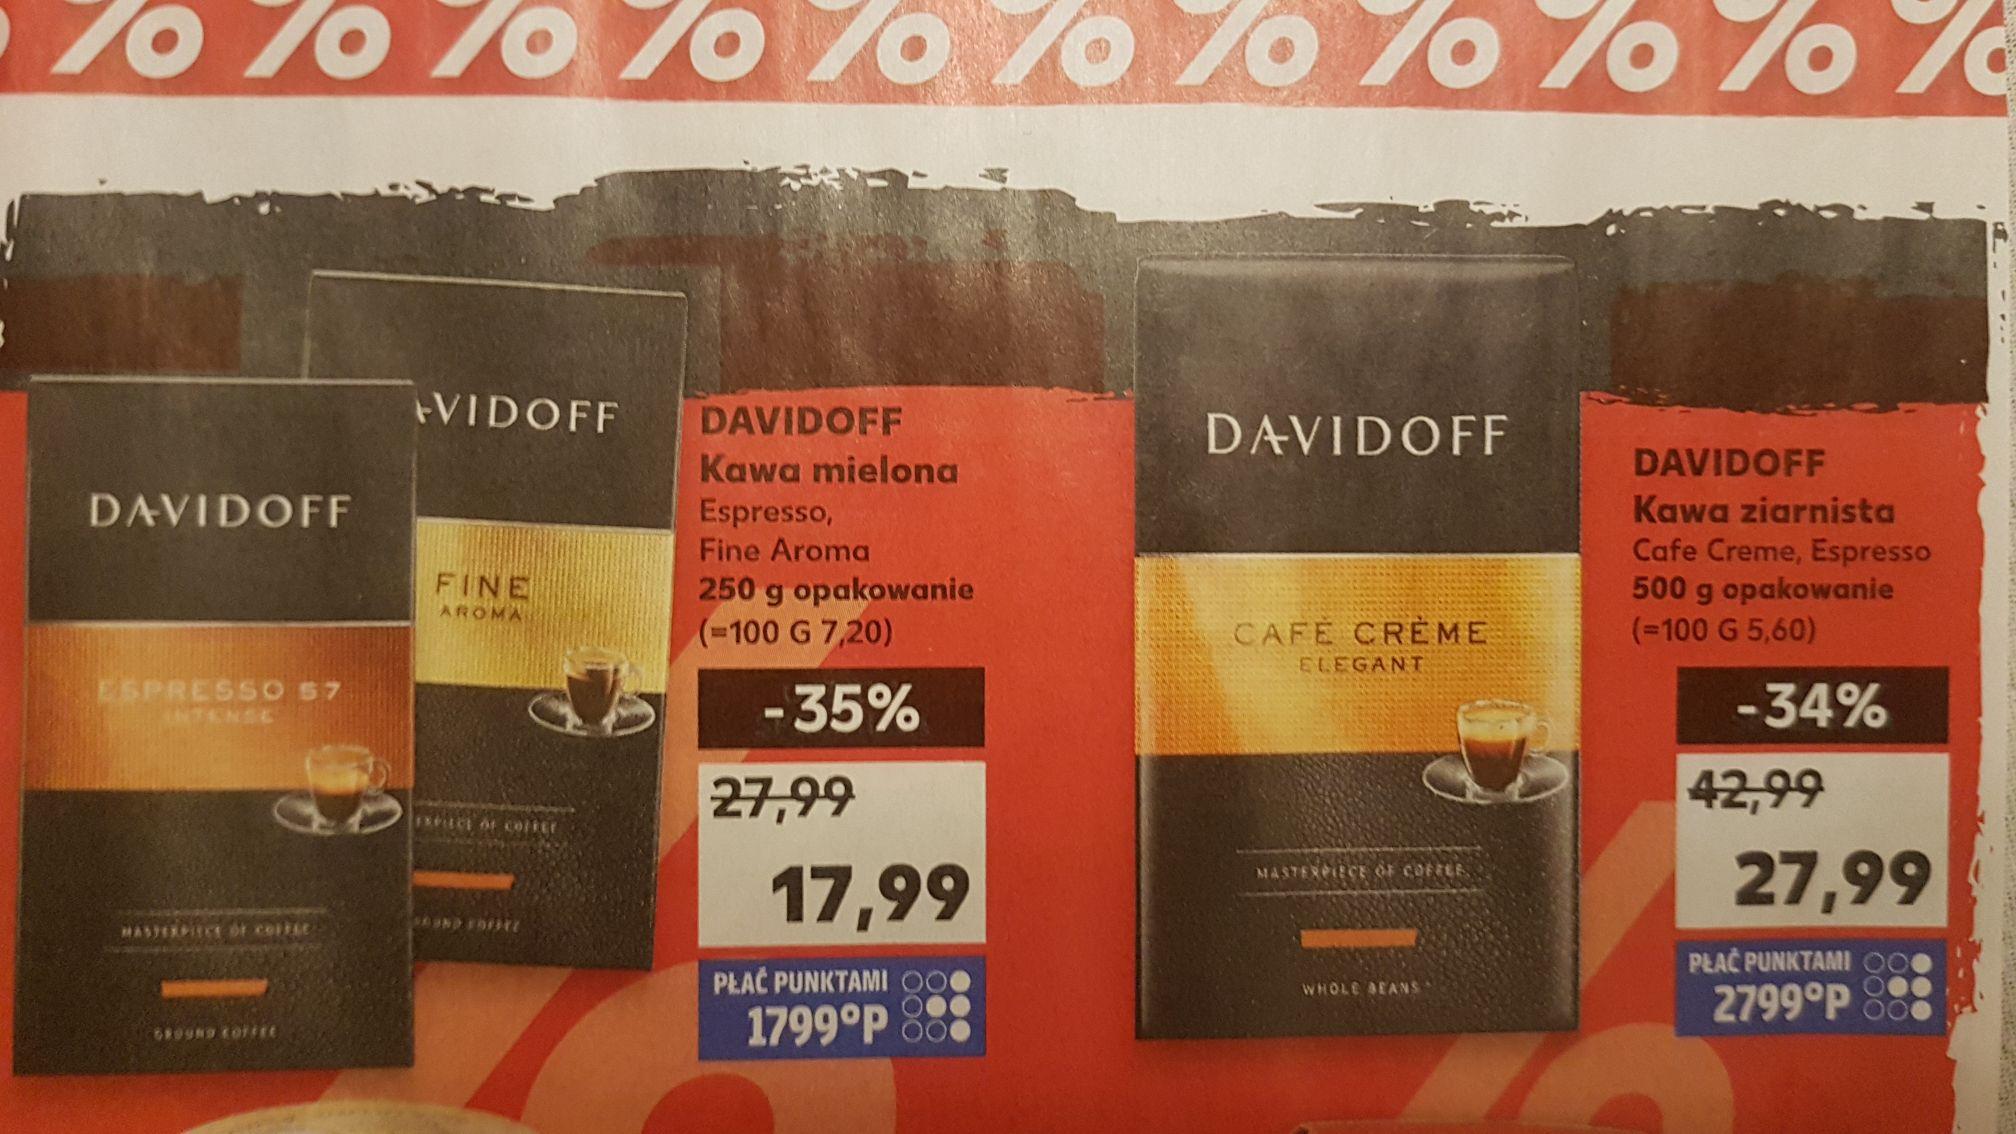 Kawa Davidoff w Kauflandzie - 35%